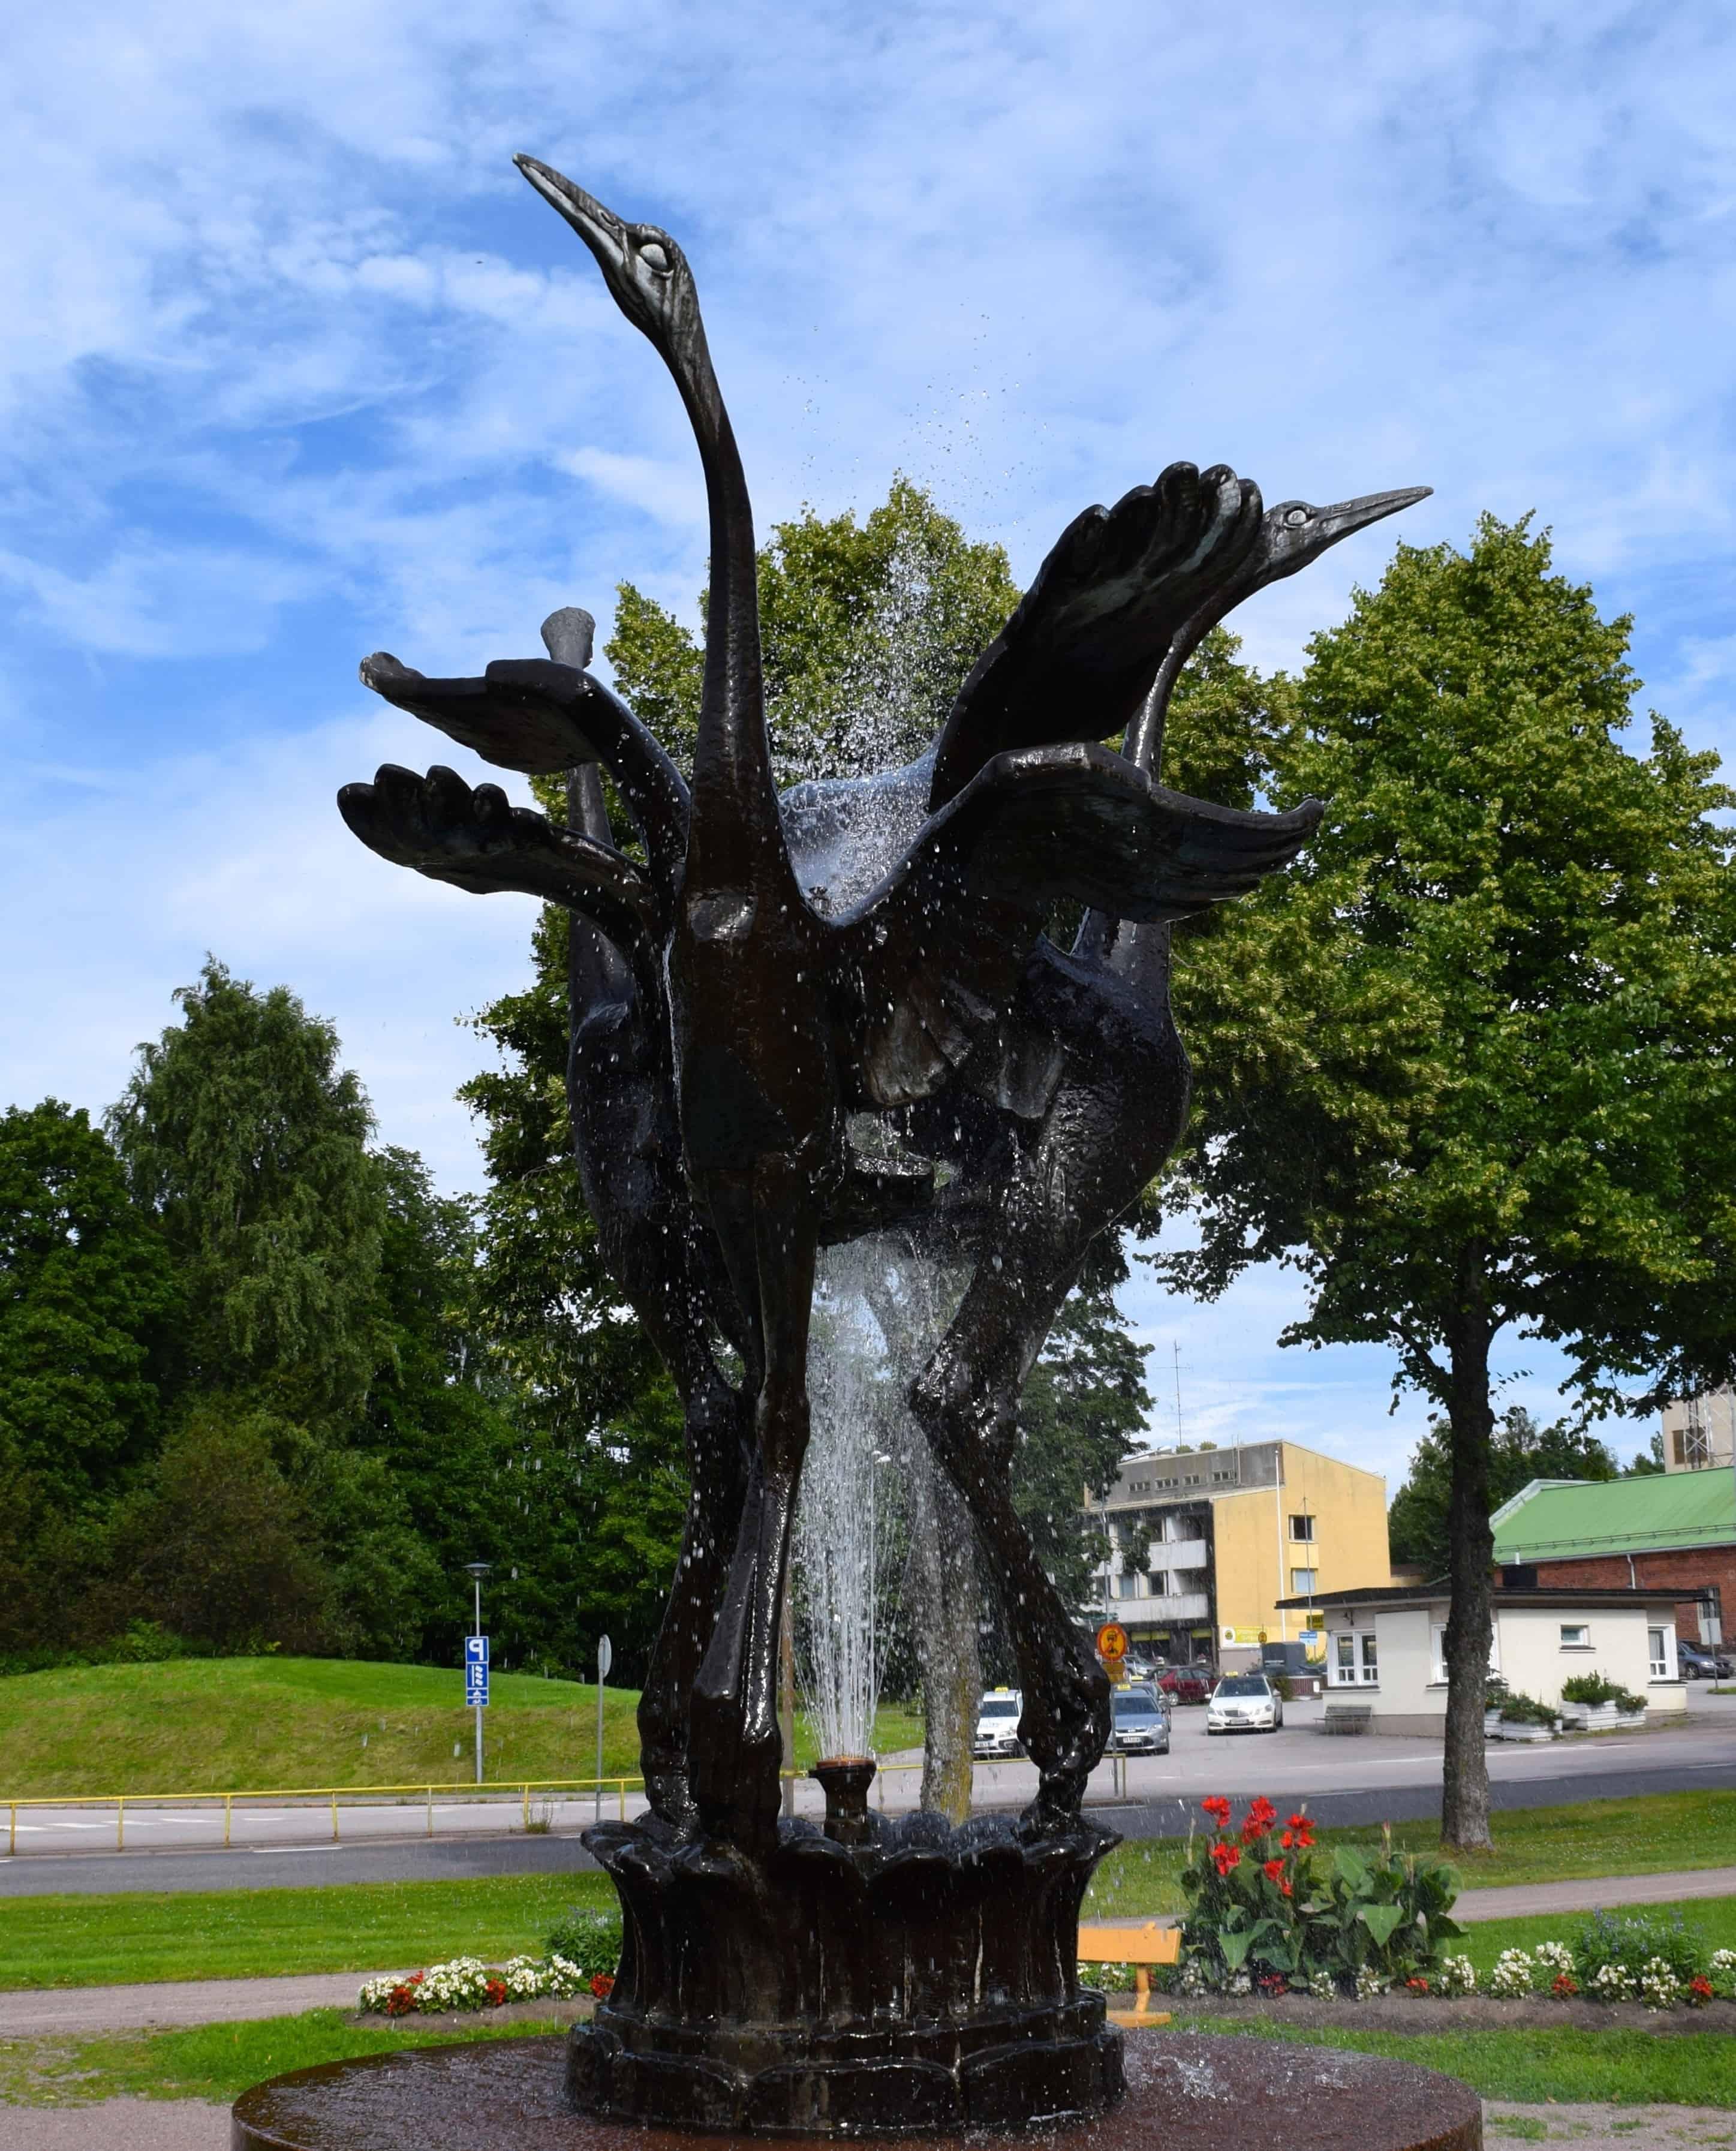 kostenlose bild: statue, skulptur, bronze, baum, brunnen, struktur